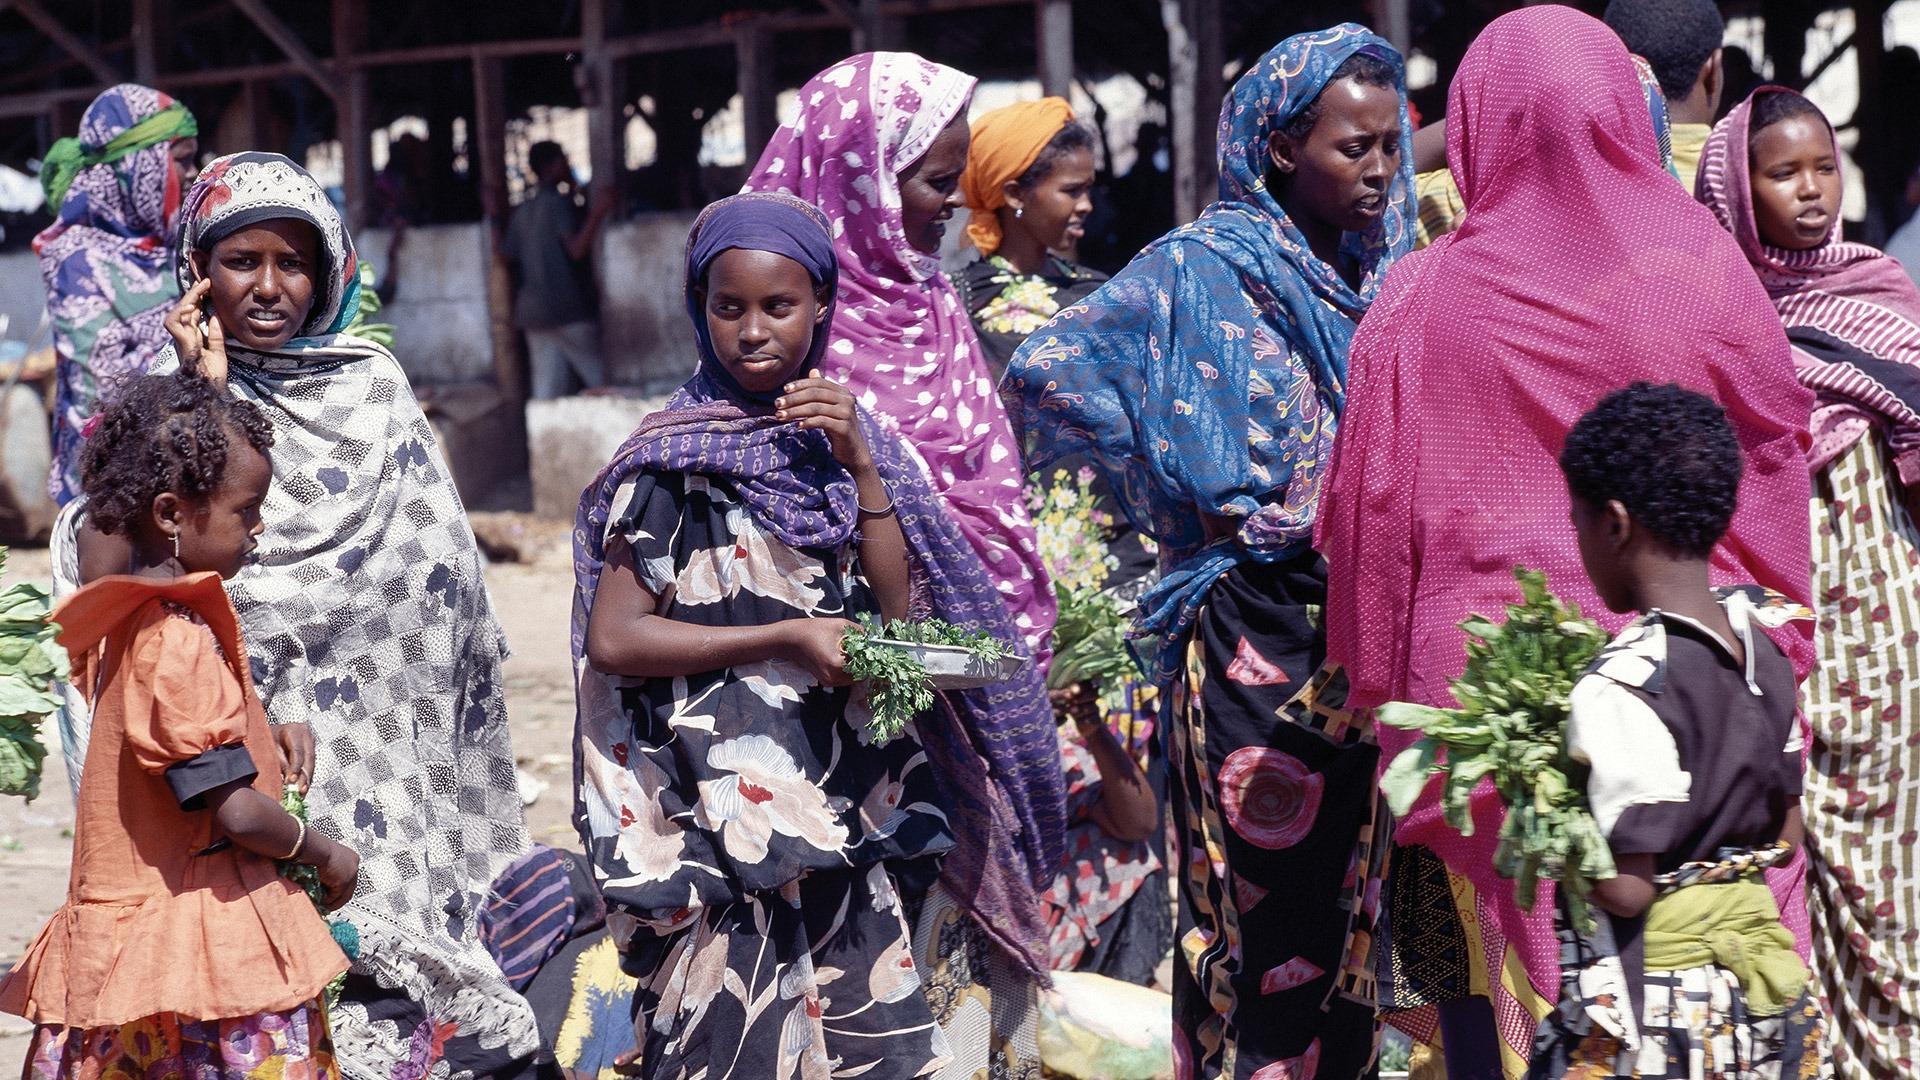 Women at a market in Djibouti City, Djibouti